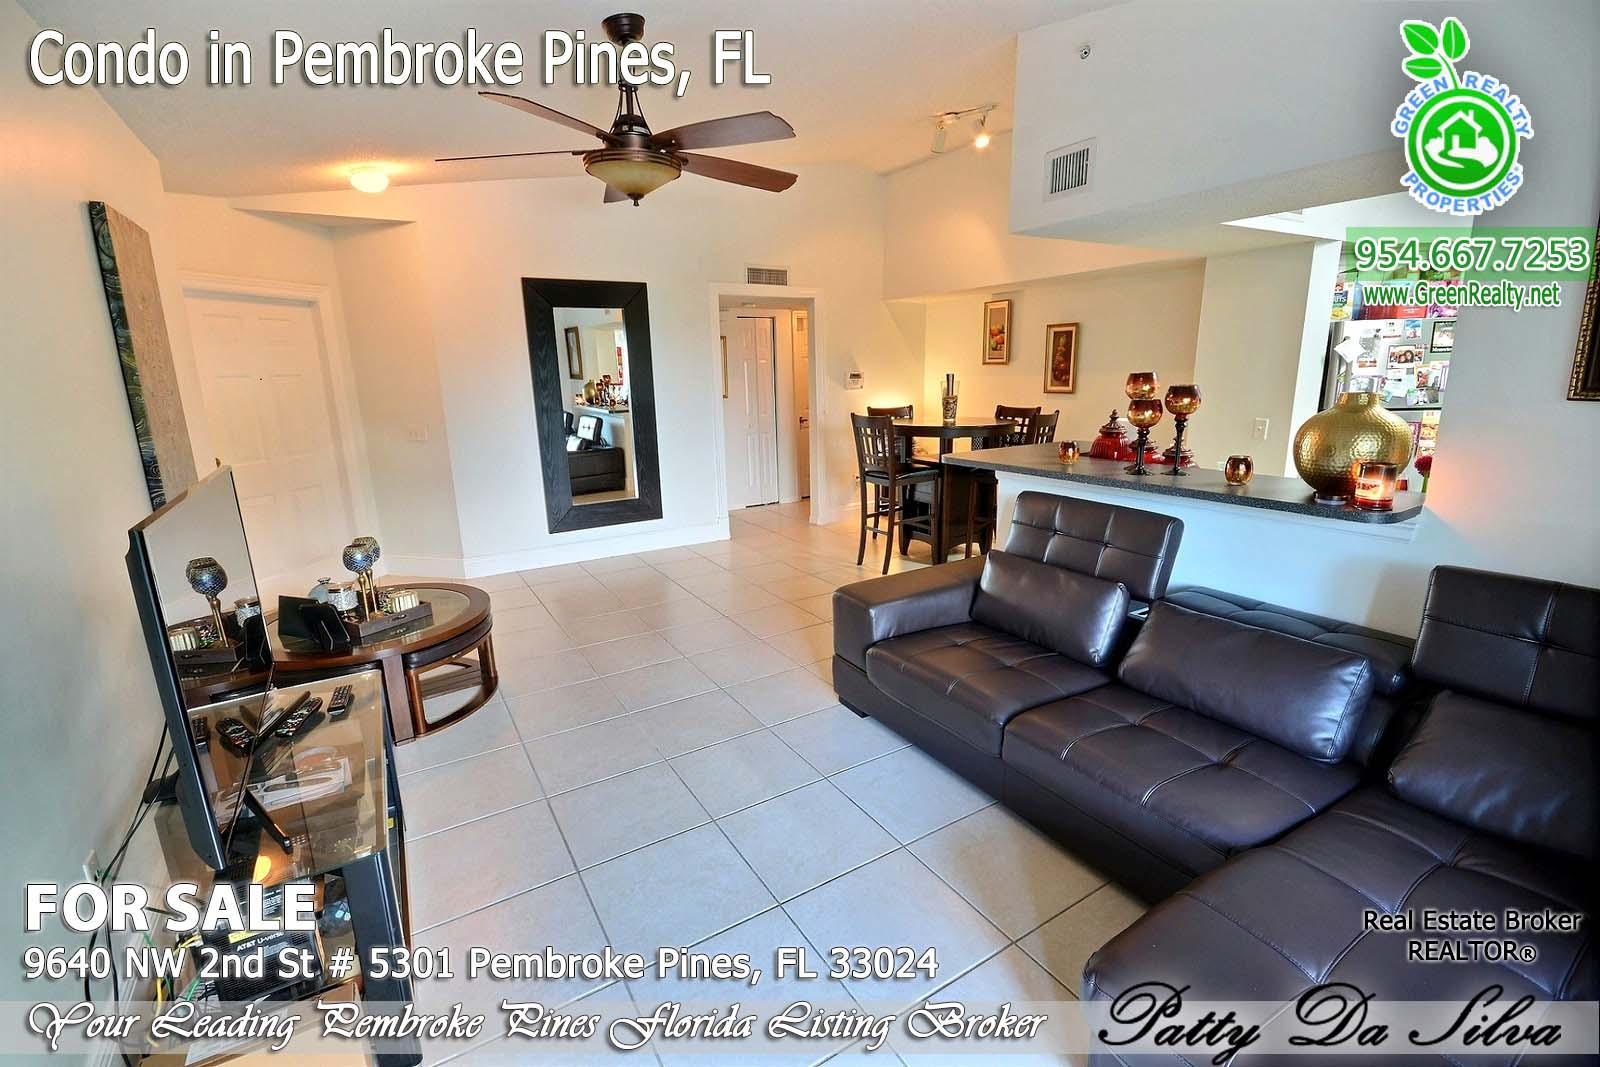 La Via - 9640 NW 2nd St, Pembroke Pines FL 33024 (6)